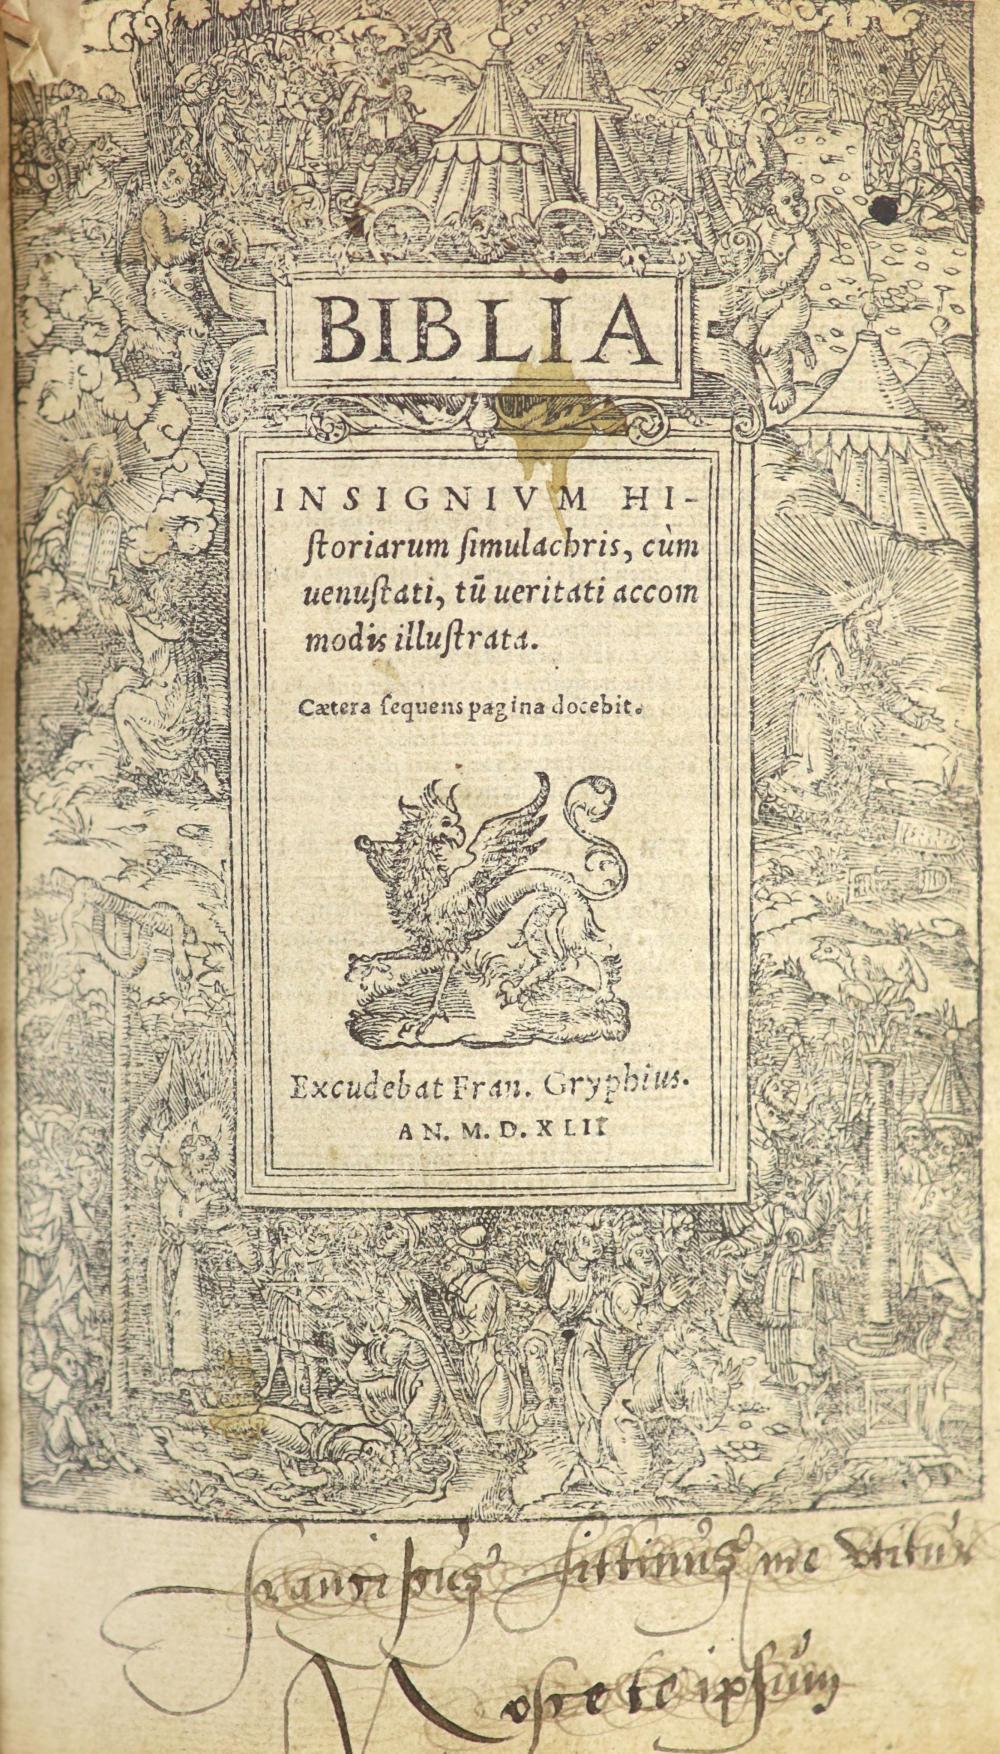 [Holy Bible]. Biblia. Insignium Historiarum Simulachris ...